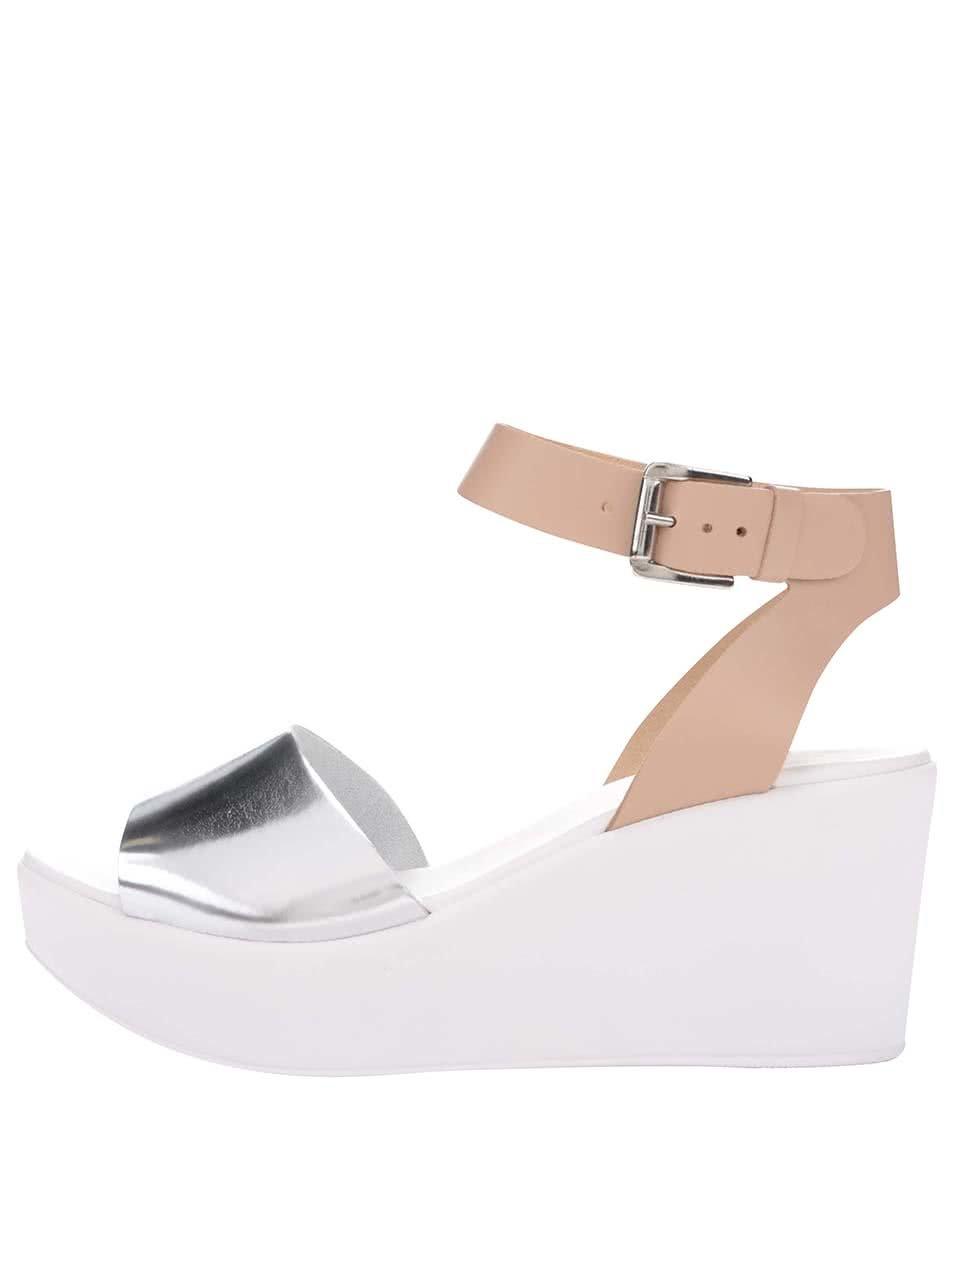 760a7ce803 Béžovo-biele kožené sandálky na platforme Miss Selfridge ...